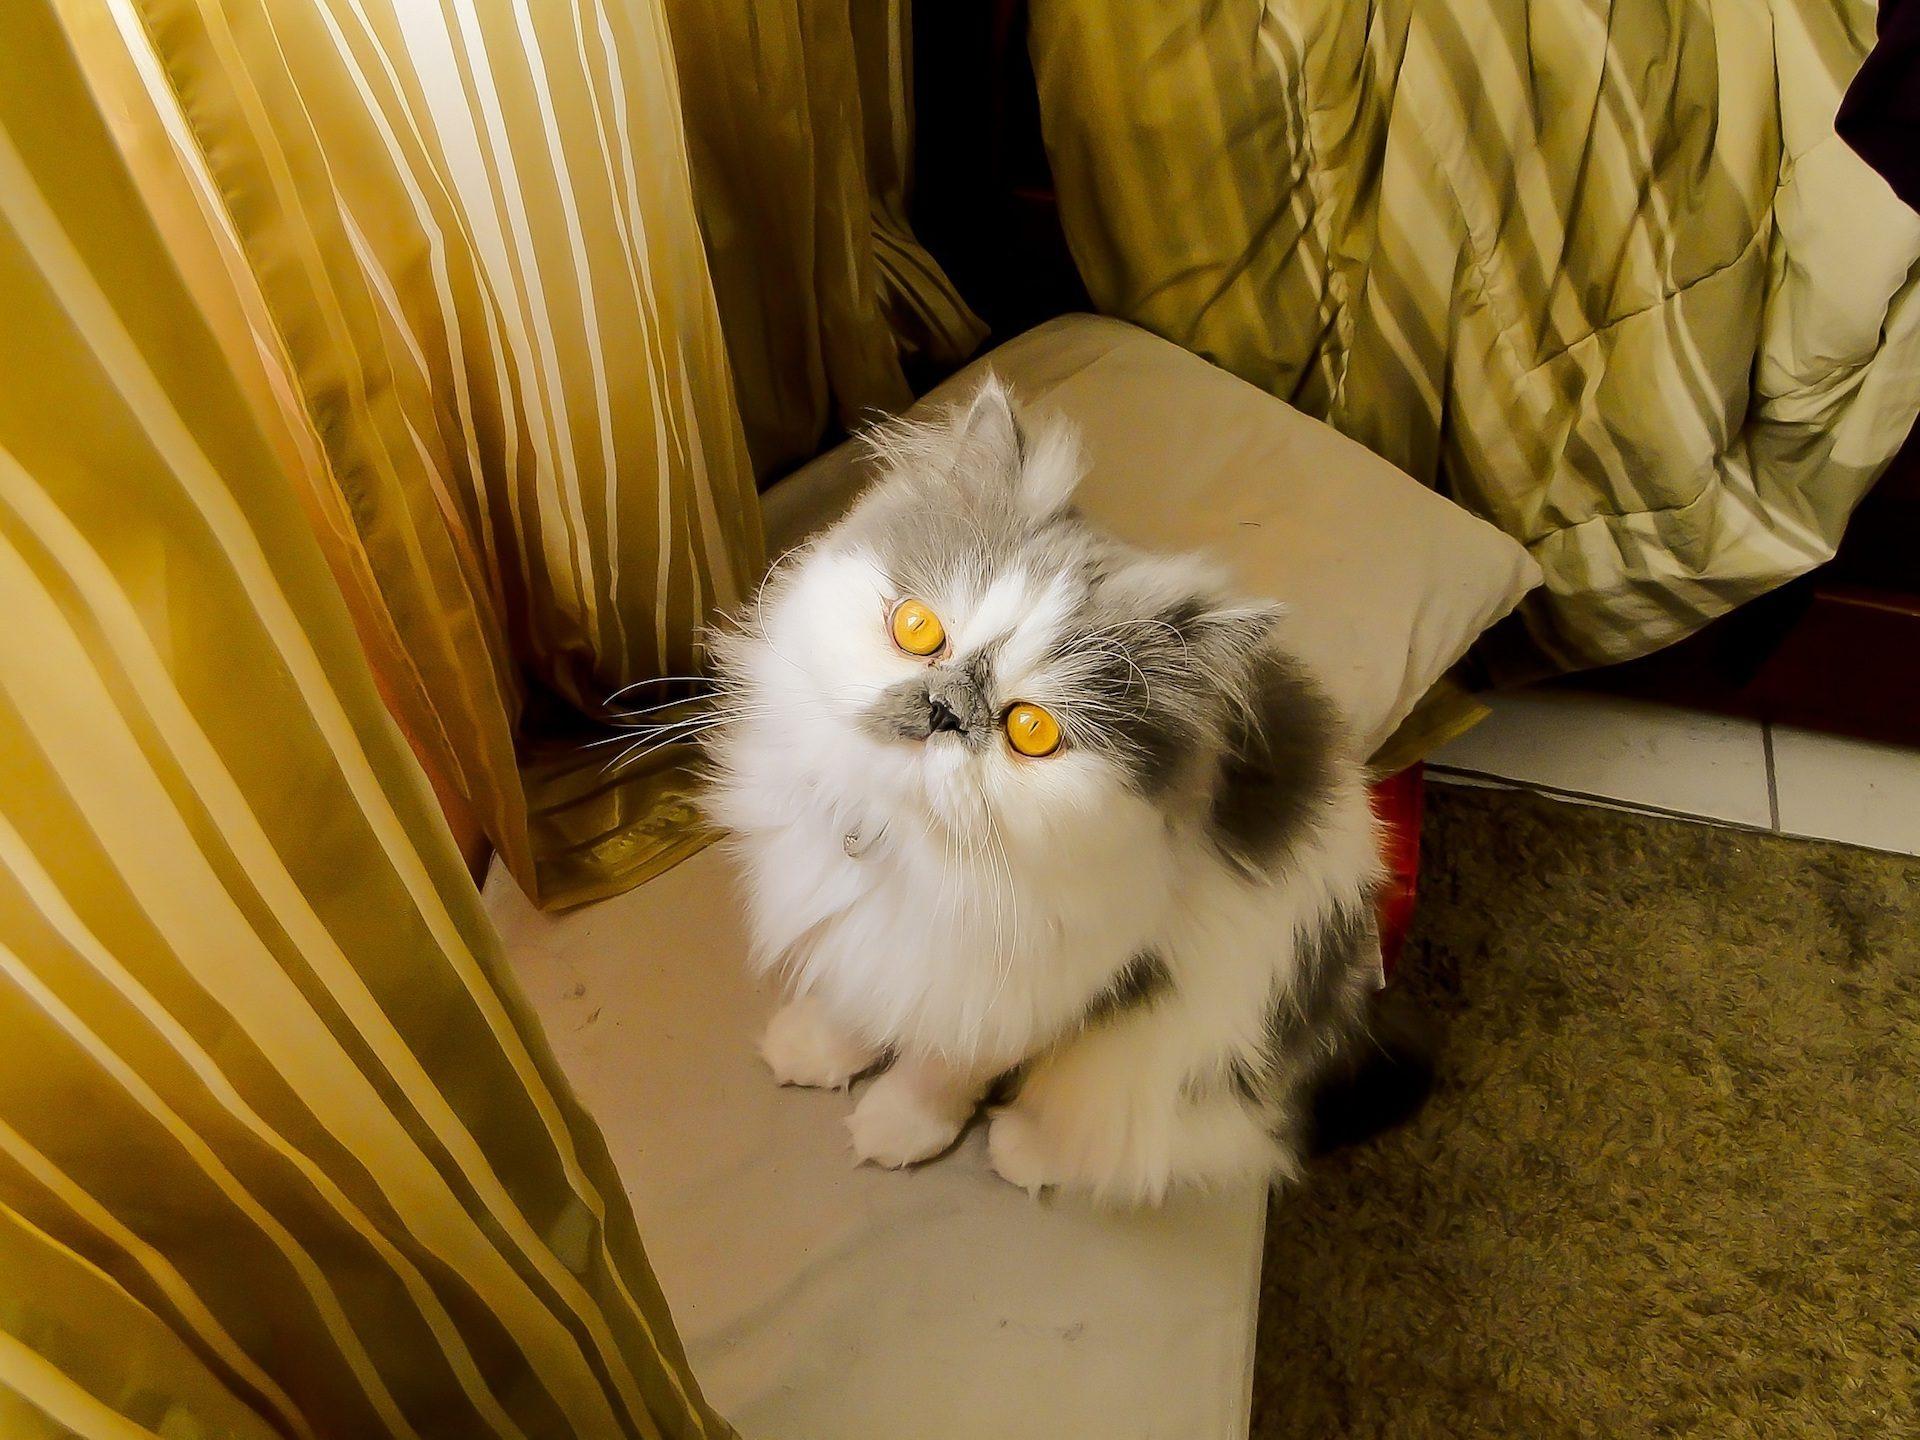 gatto, occhi, Giallo, Animale domestico, pelliccia, sguardo - Sfondi HD - Professor-falken.com